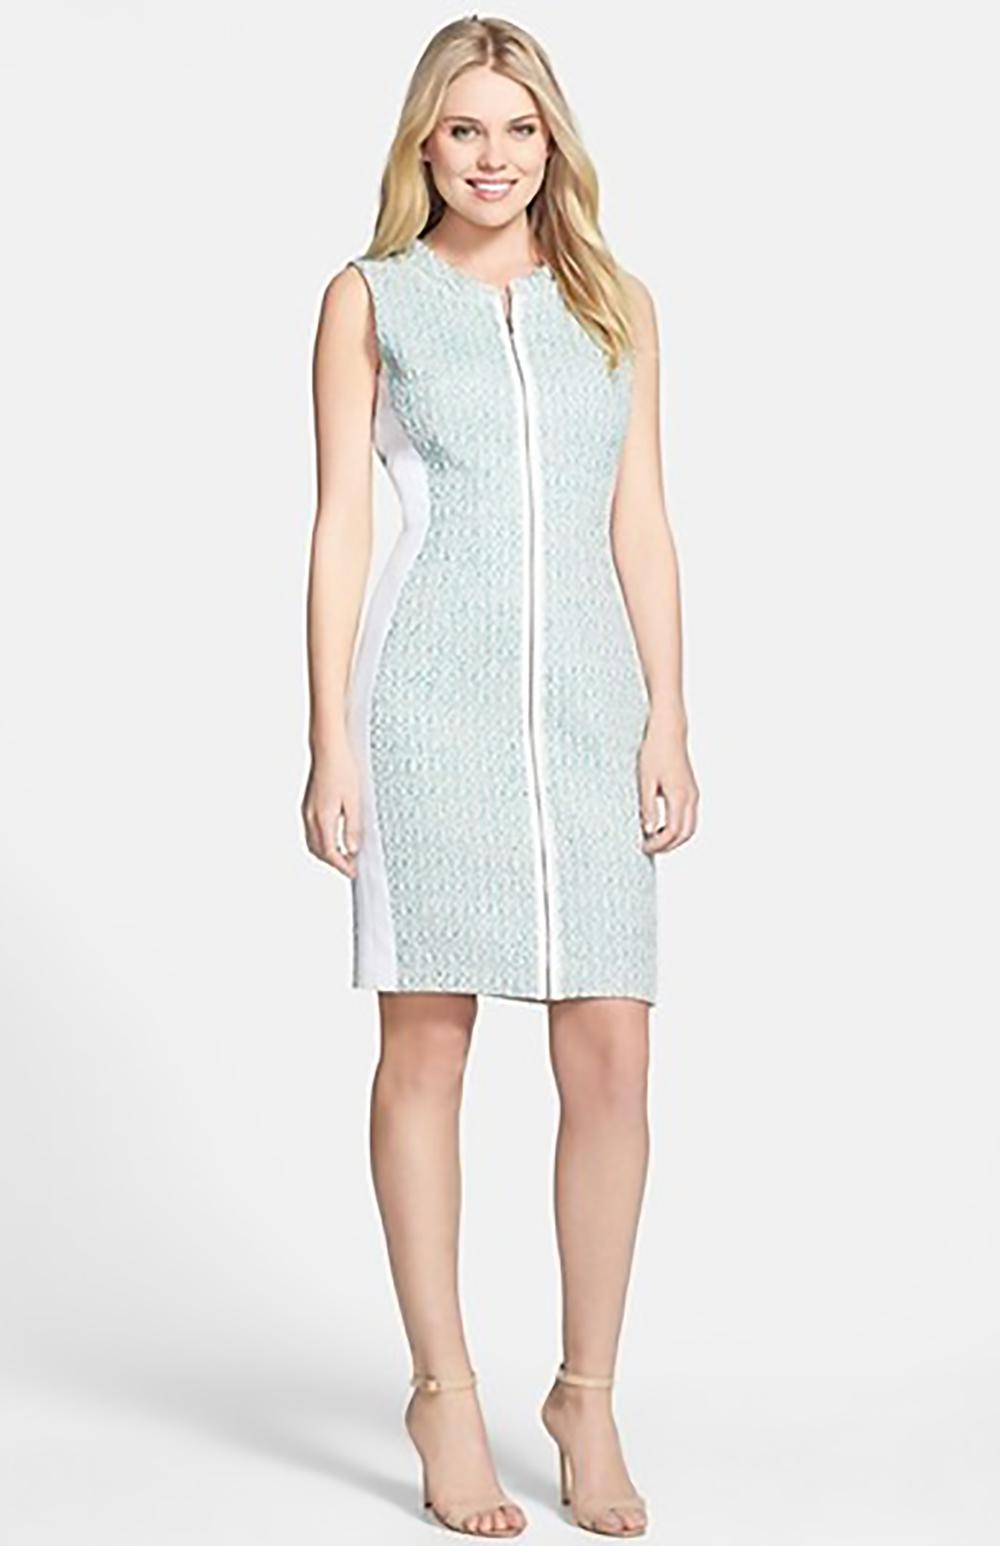 nordstrom T Tahari Avani dress sheath dress 1500.jpg